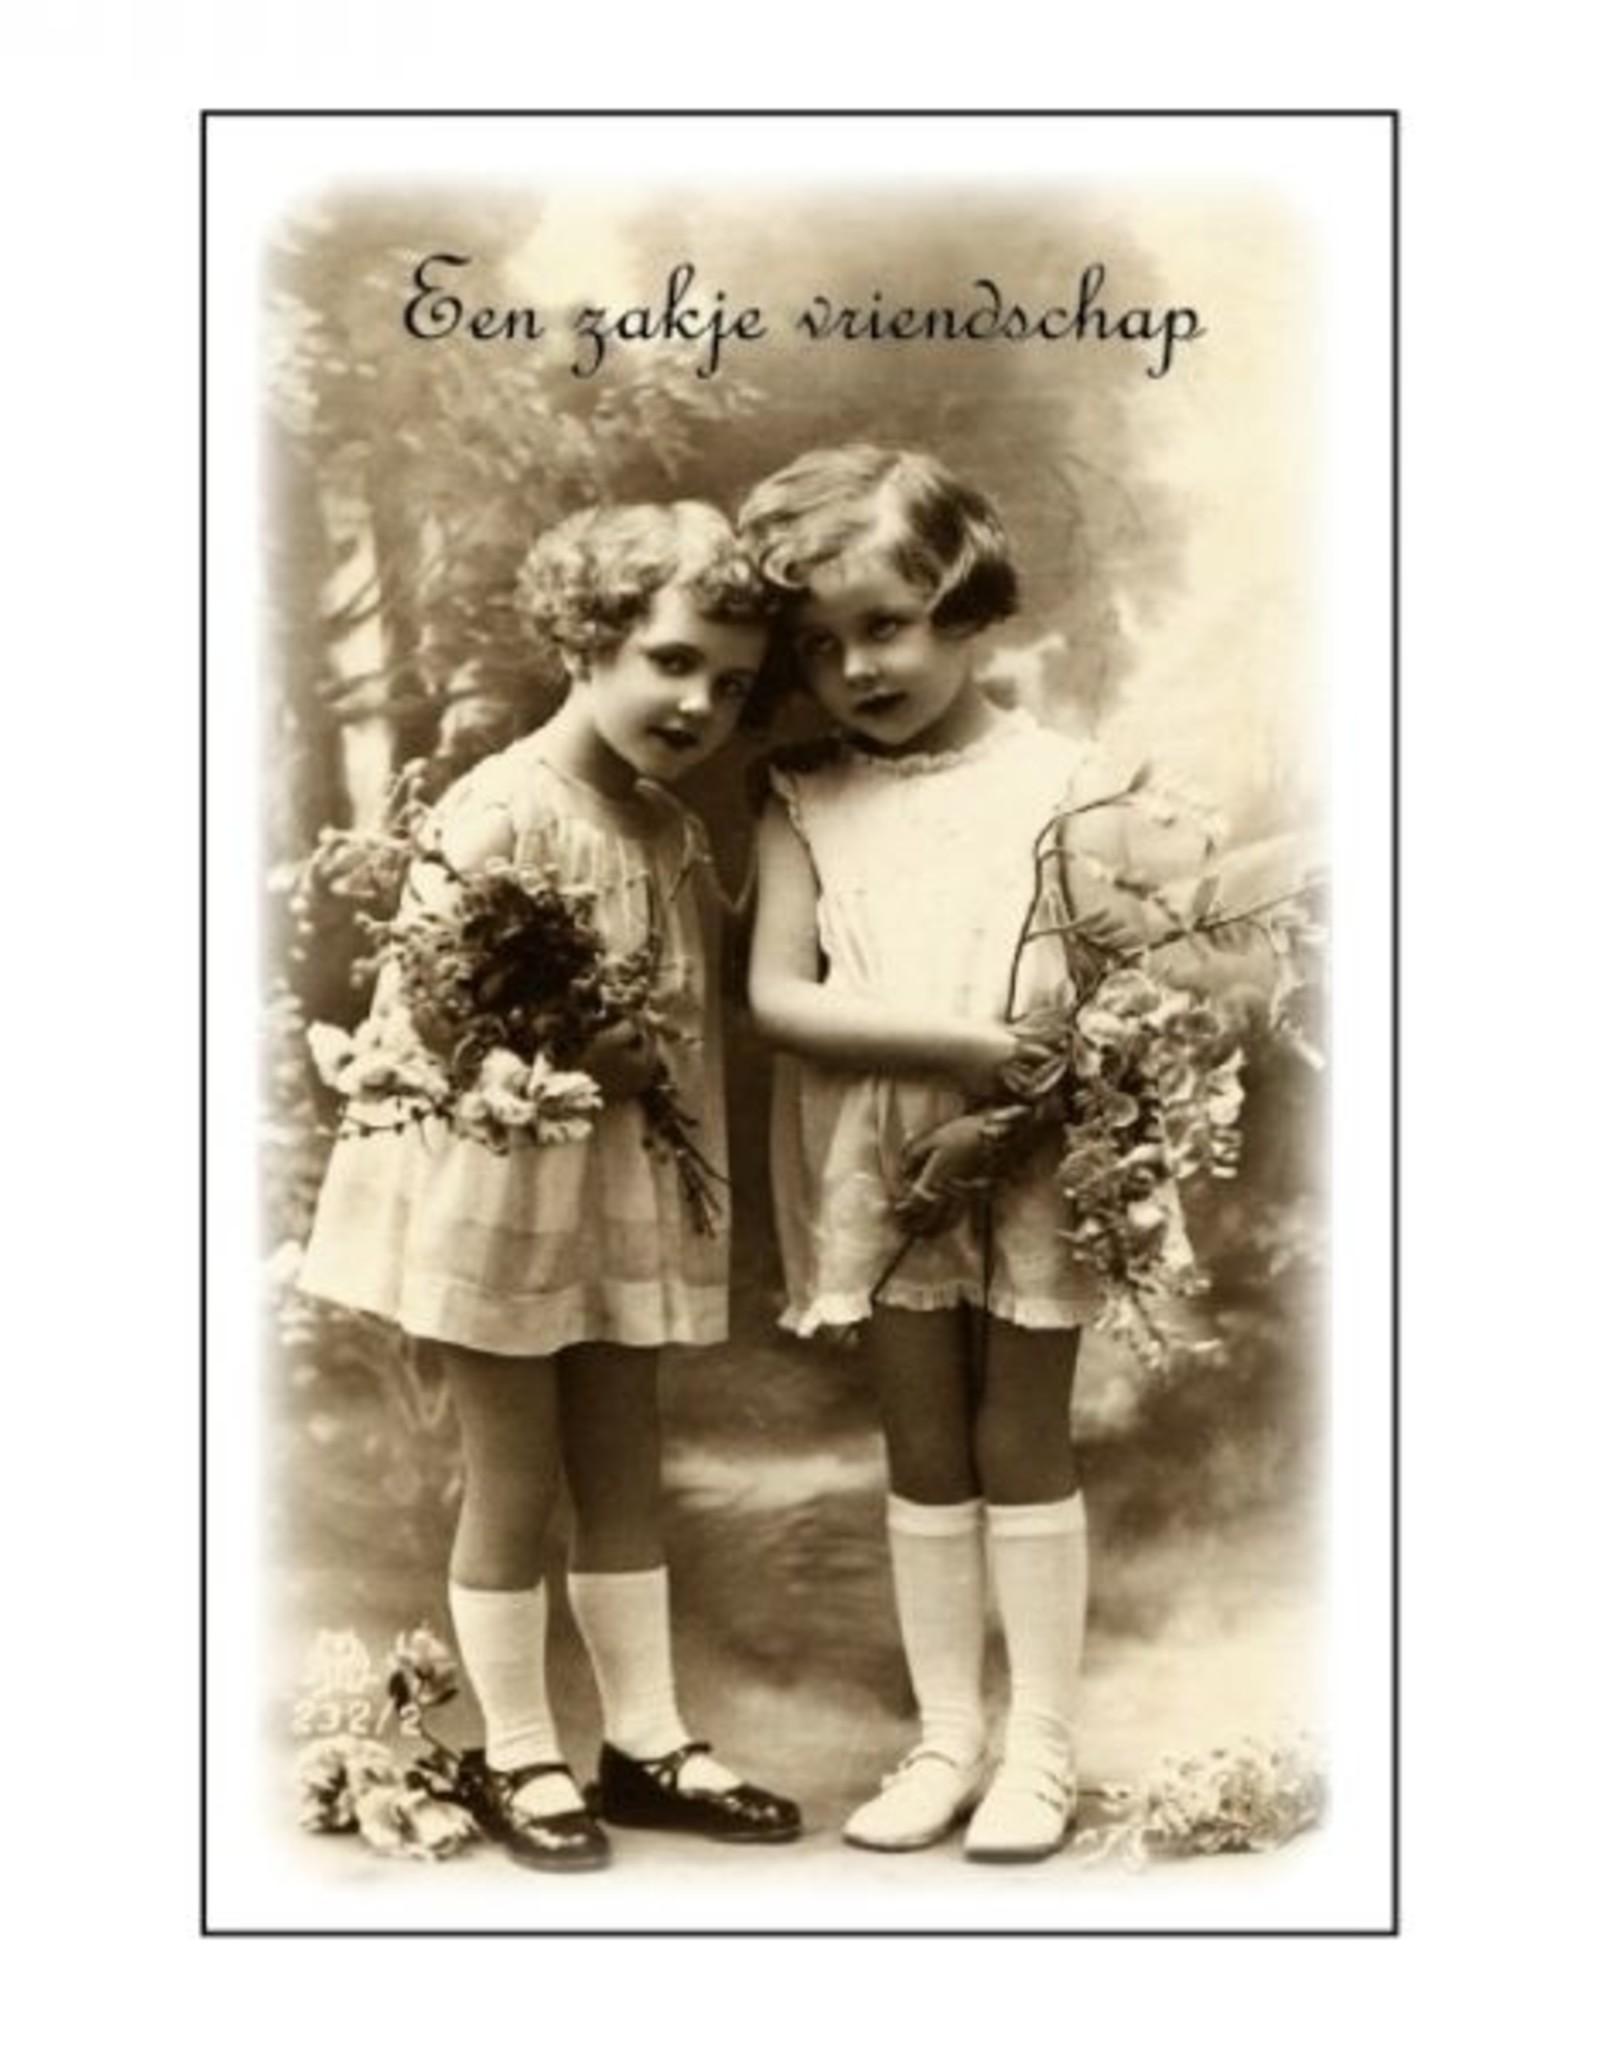 Een zakje vriendschap geurzakje